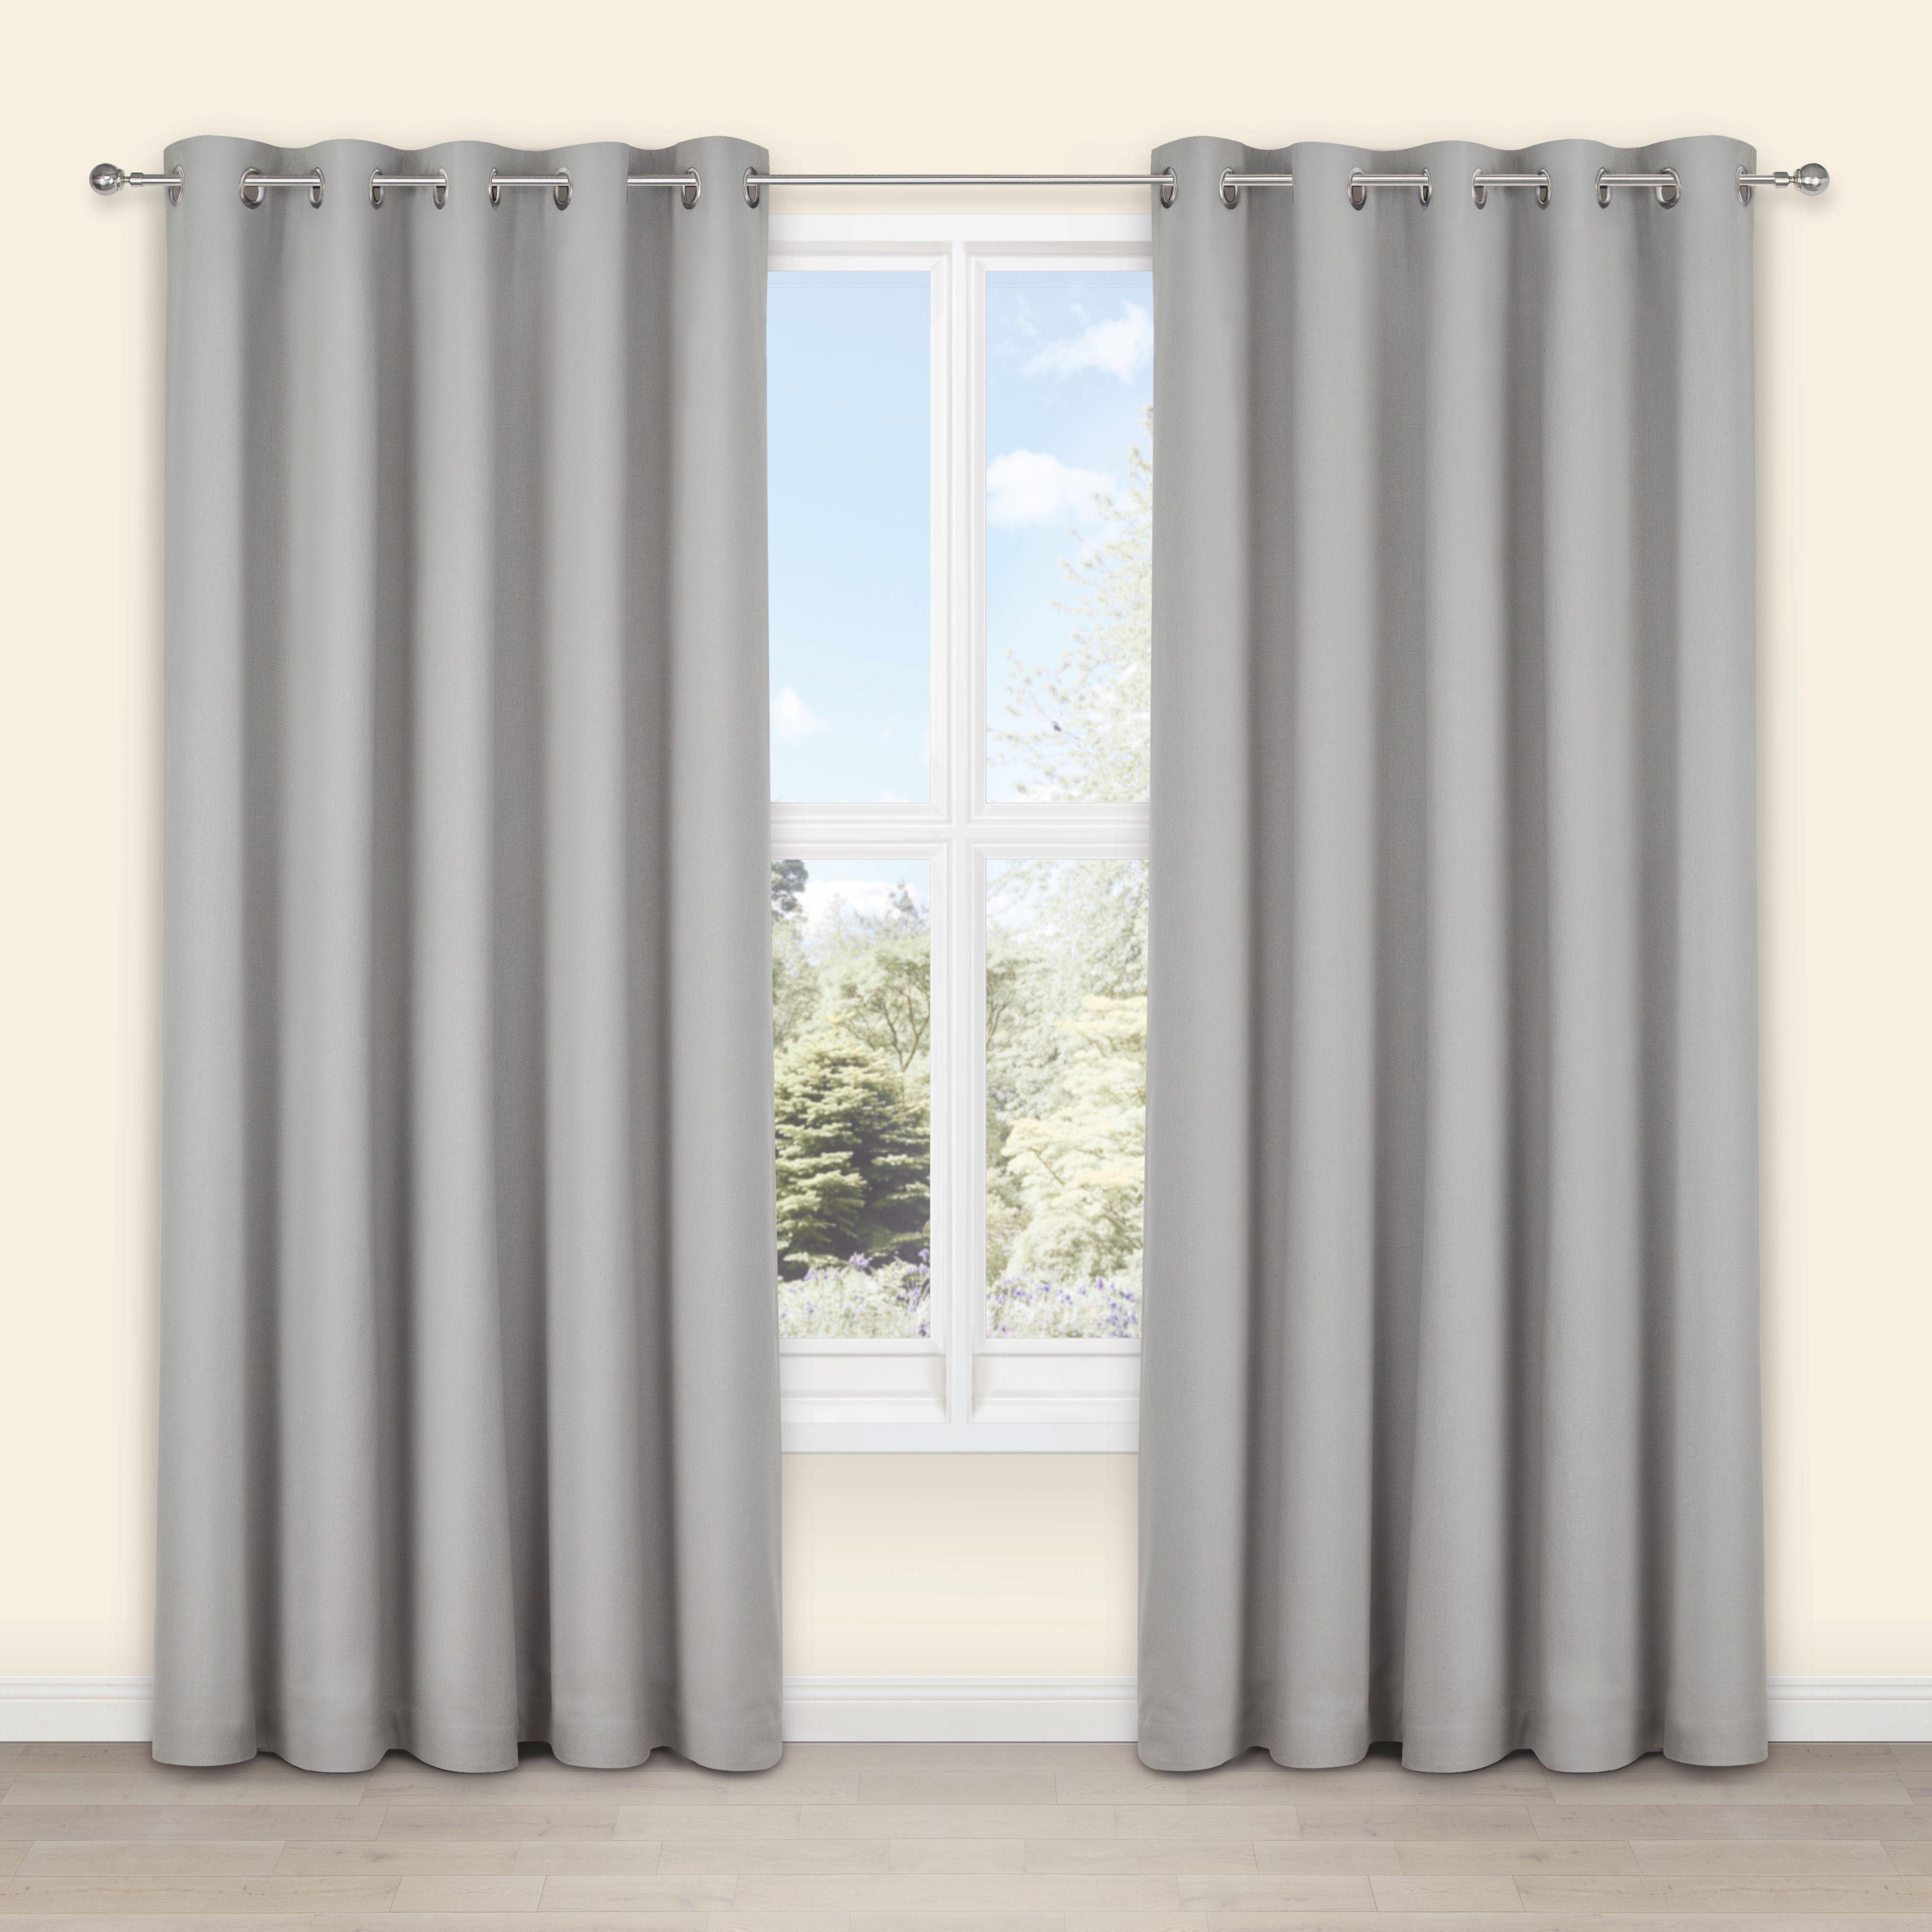 Salla Concrete Plain Woven Eyelet Lined Curtains (w)117 Cm (l)137 Cm